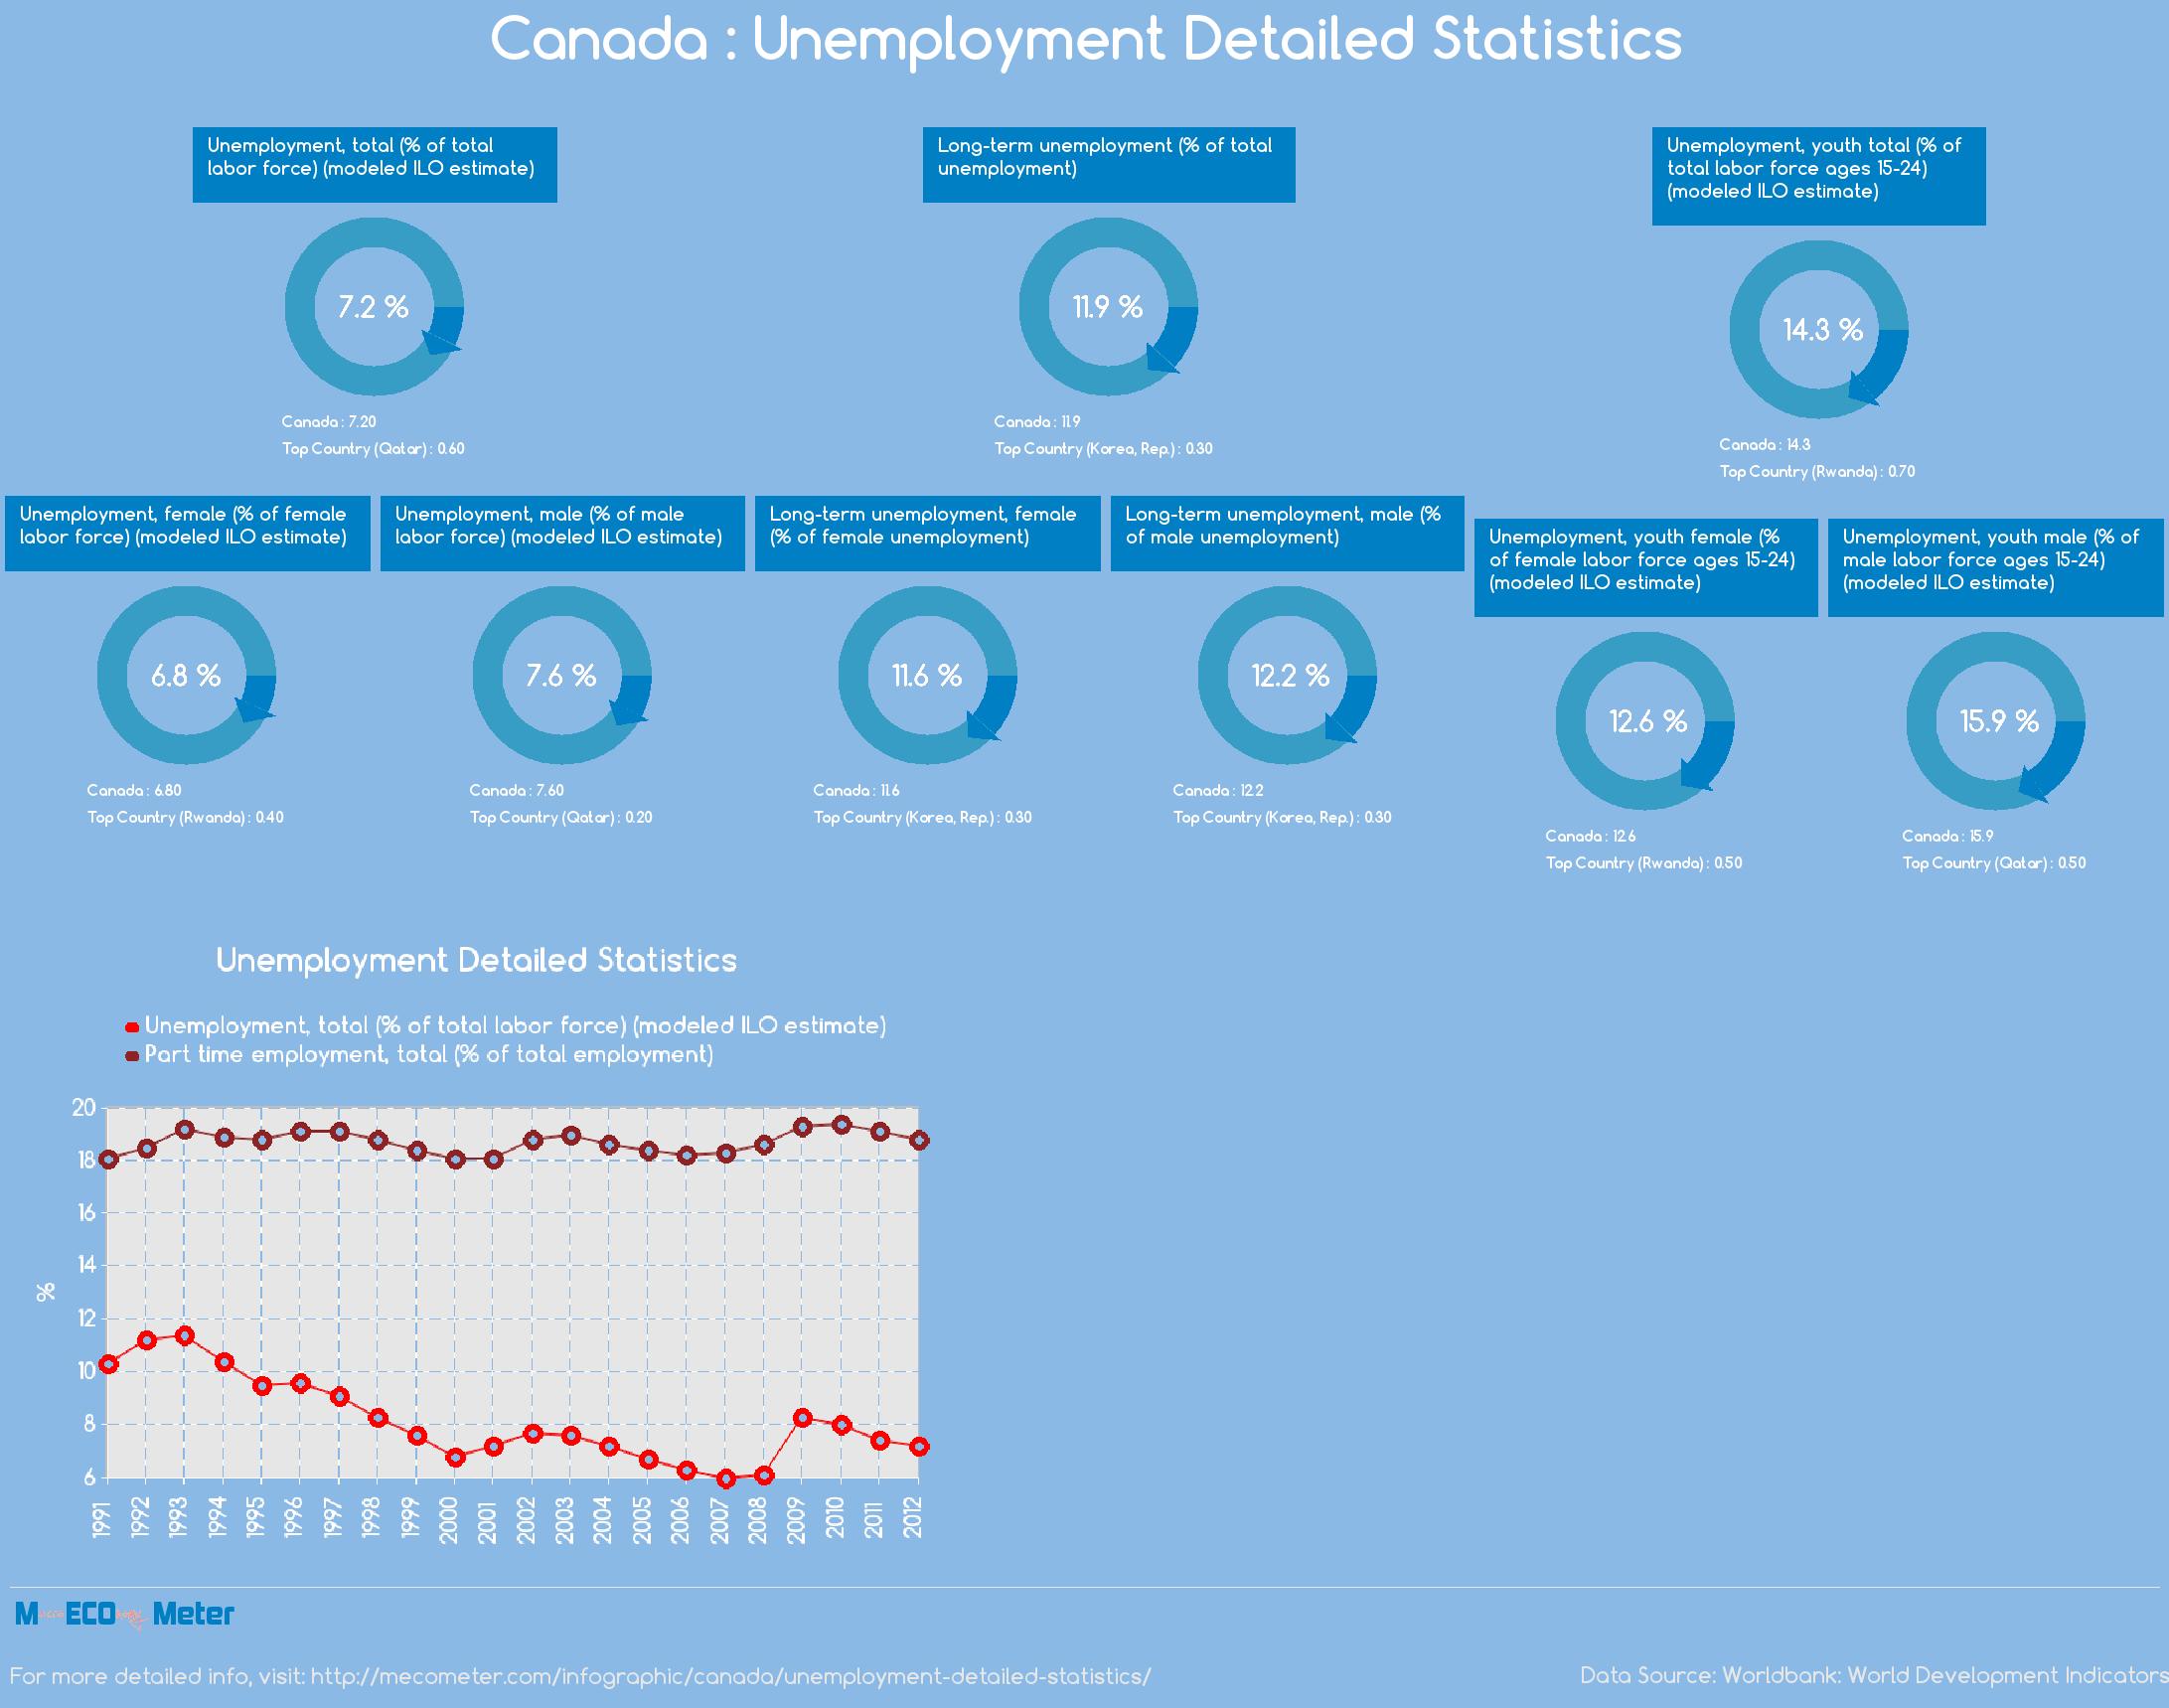 Canada : Unemployment Detailed Statistics